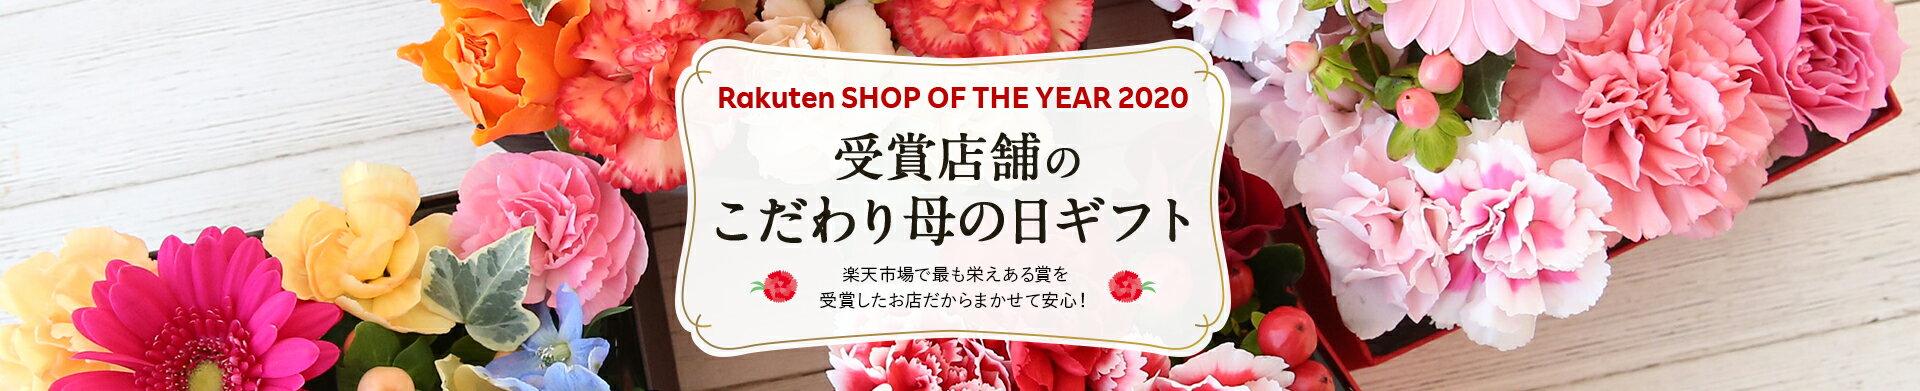 楽天ショップ・オブ・ザ・イヤー2020受賞店舗の母の日ギフト